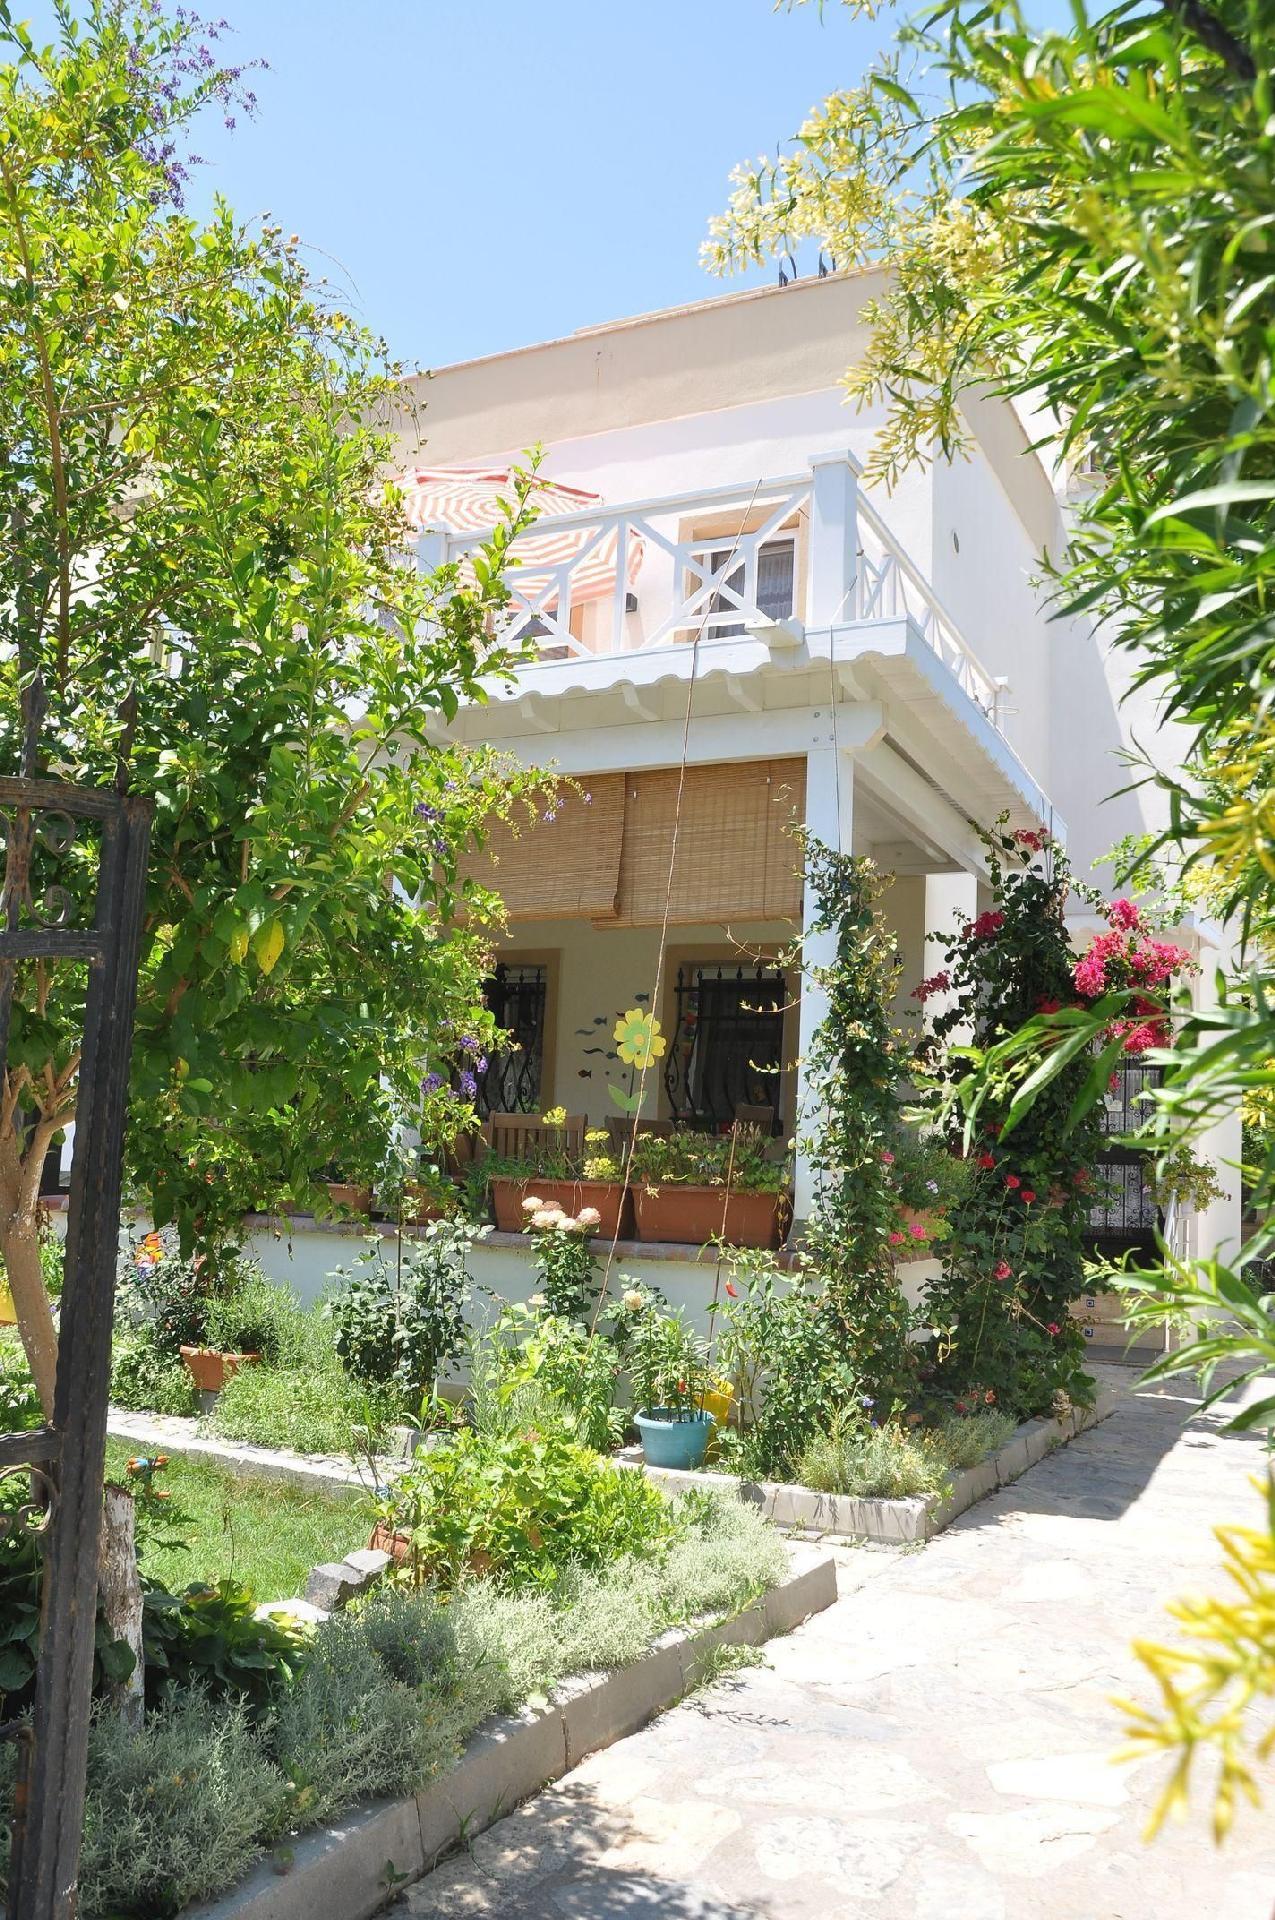 Ferienwohnung für 4 Personen ca. 75 m² i  in Türkei